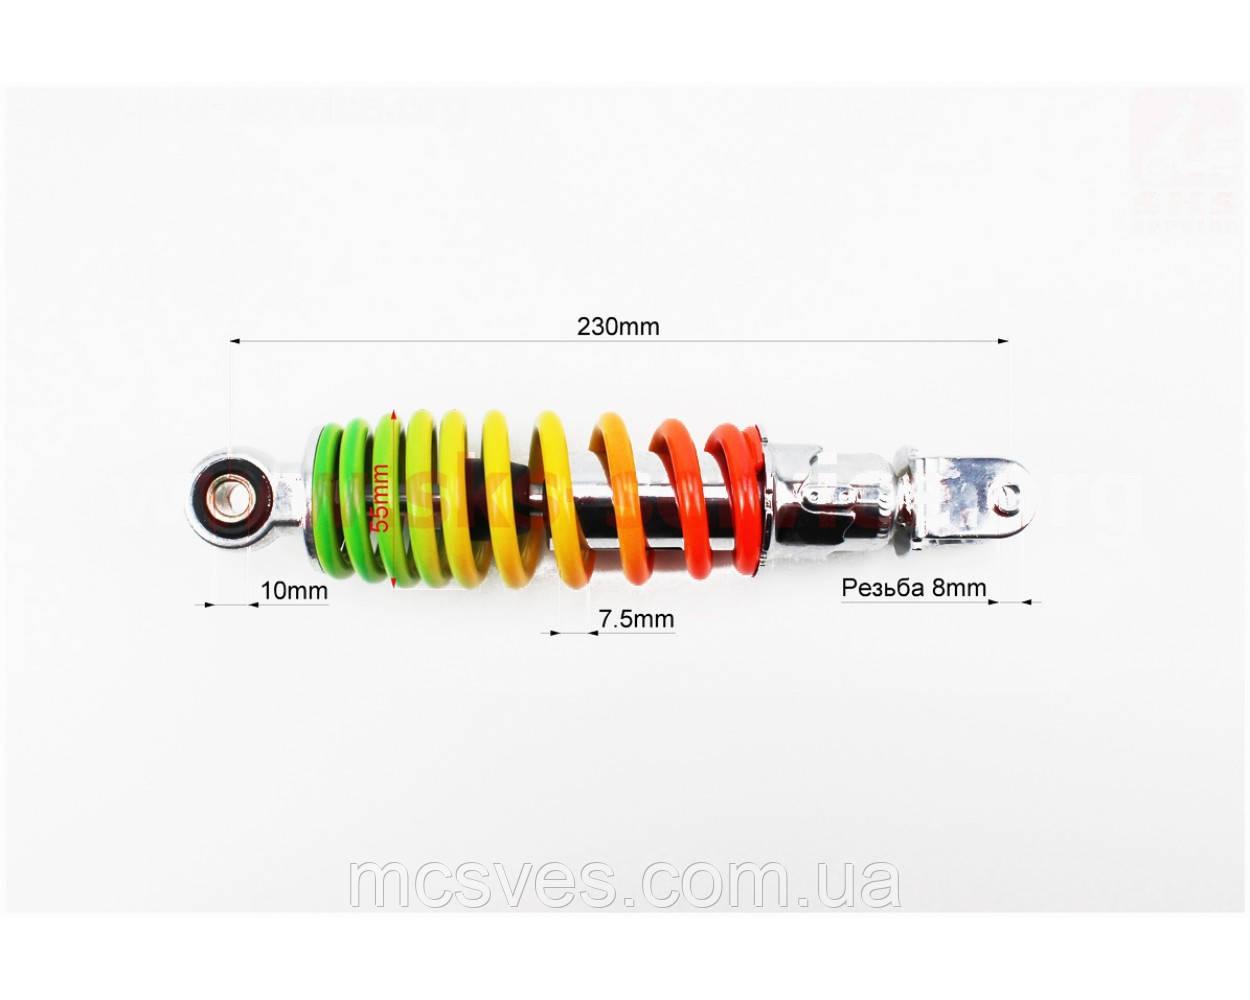 (NAIDITE) Амортизатор задний GY6/Yamaha - 235мм*d55мм (втулка 10мм / вилка 8мм) регулир., радуга 1 / 3